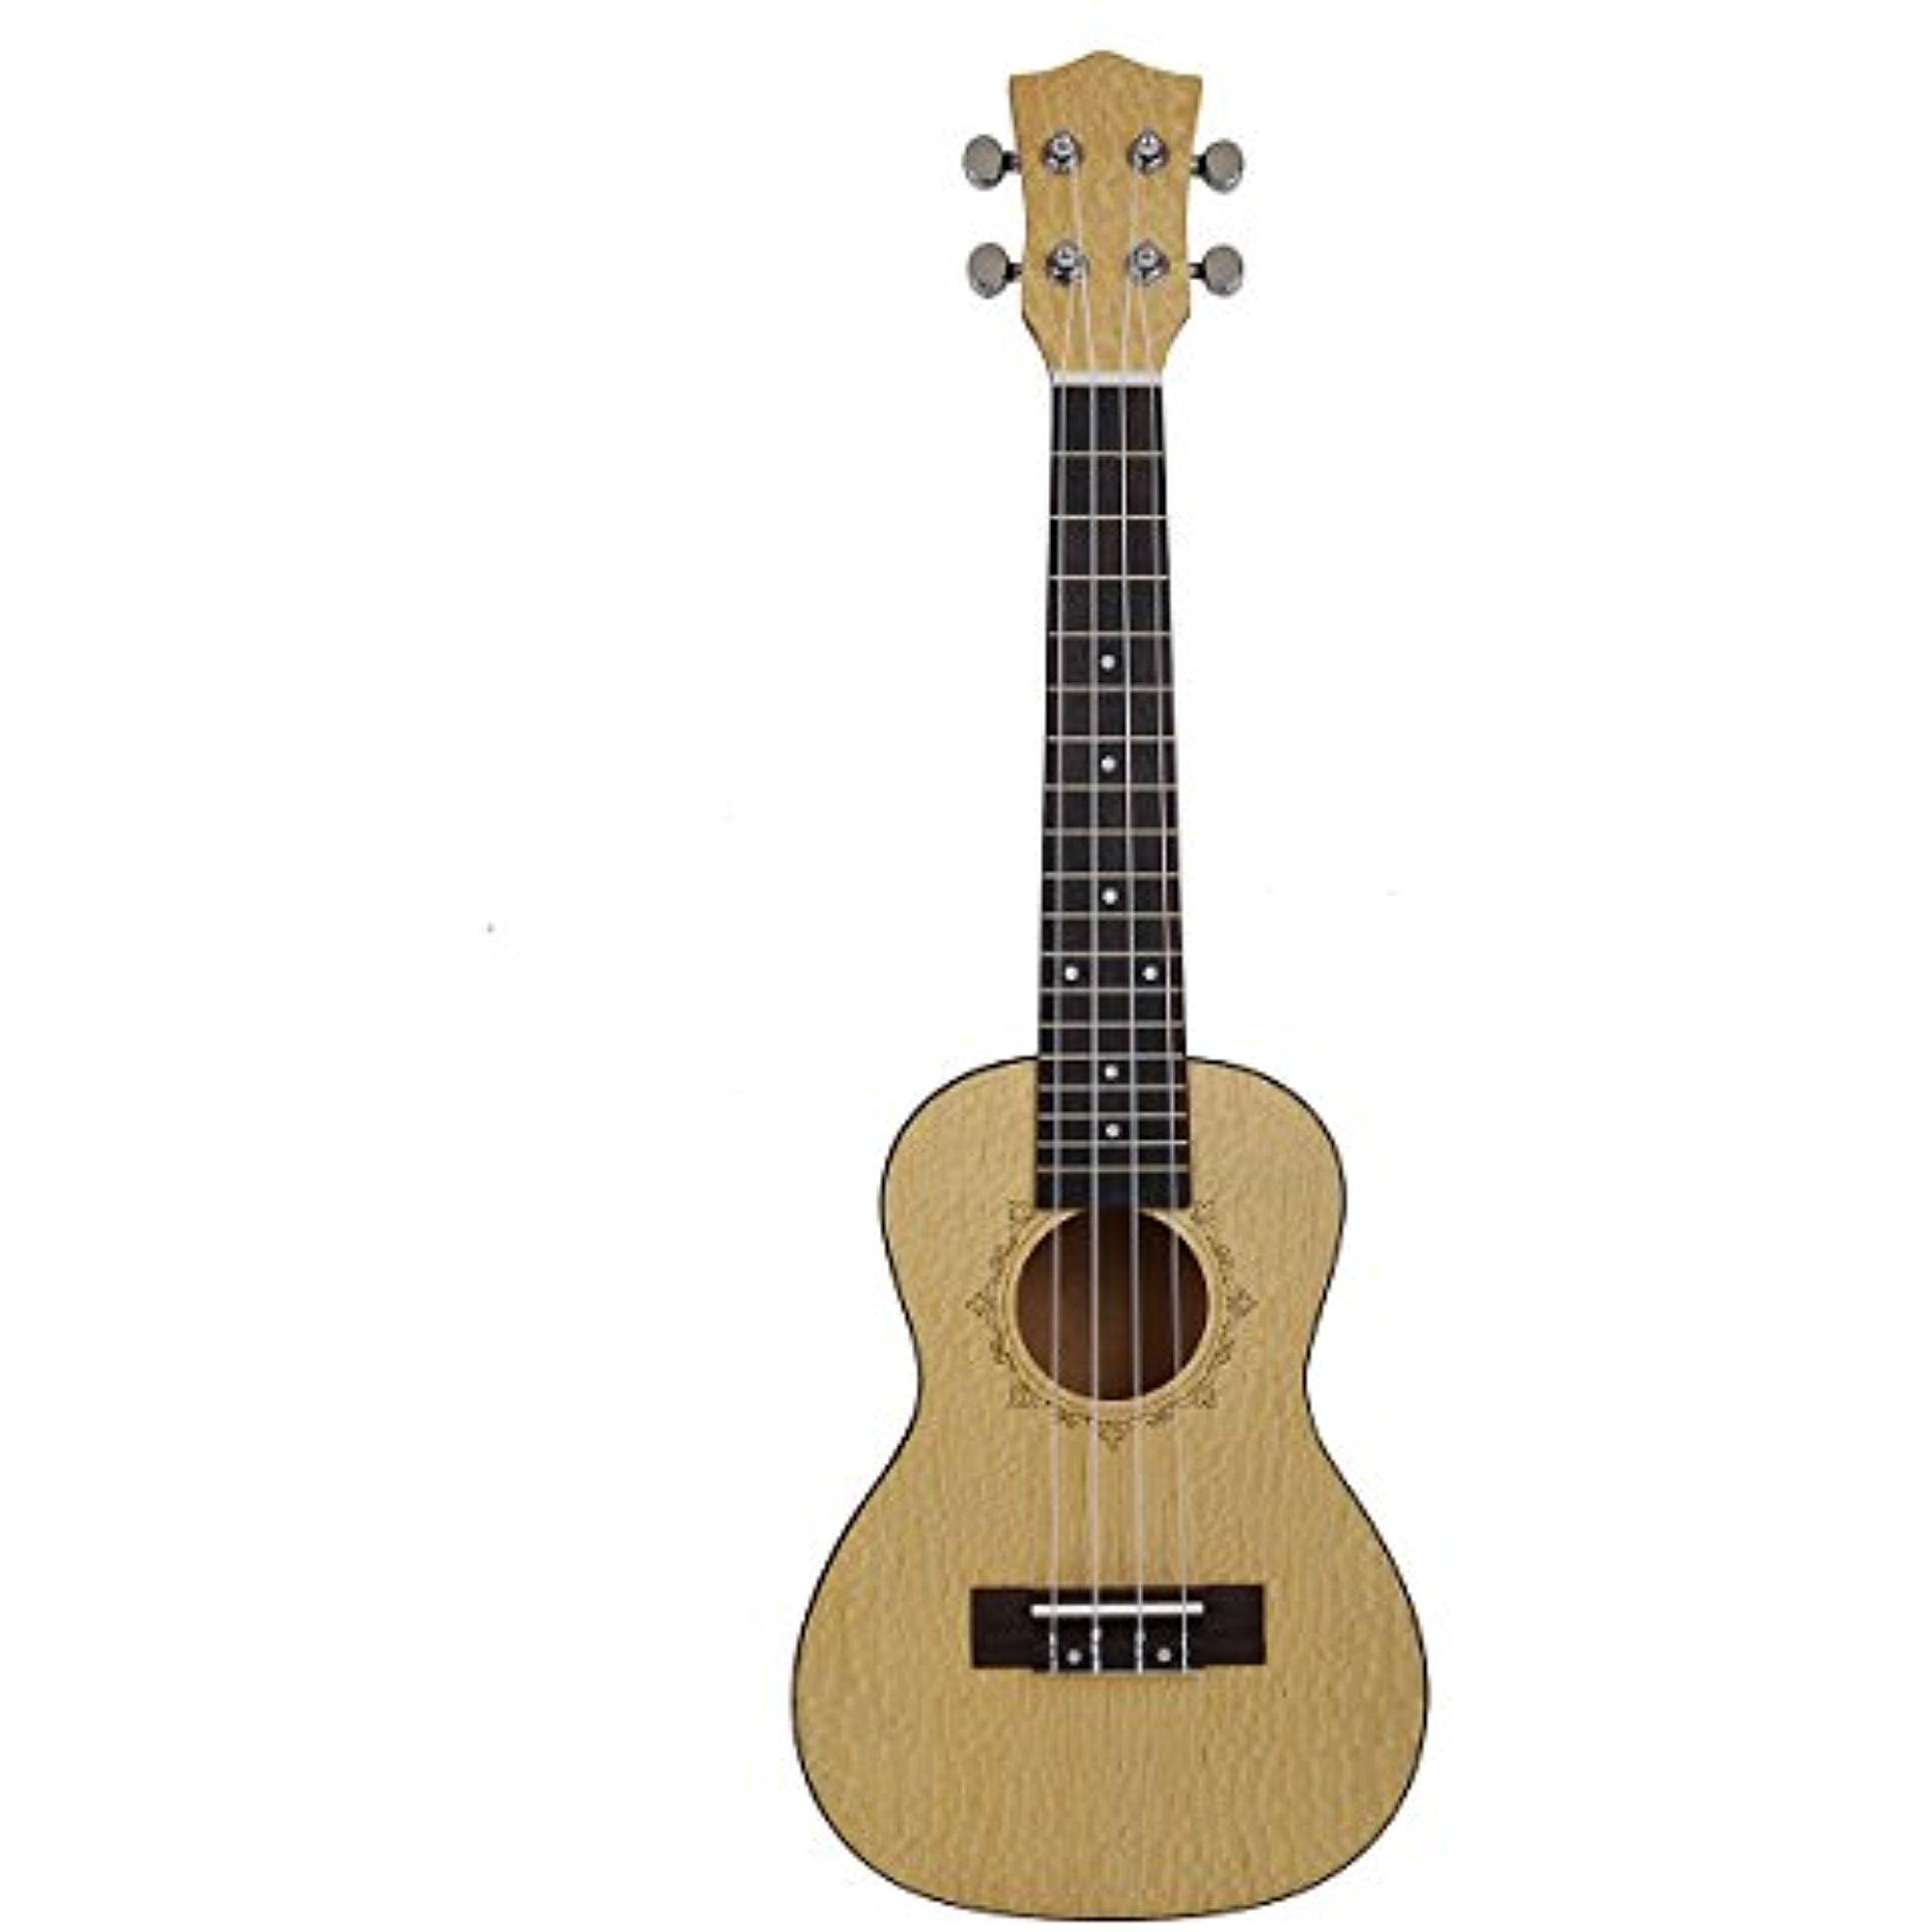 Kmise Professional Pearl Wood Concert Ukulele Ukelele Uke Hawaii Guitar 23 inch 18 Fret by Kmise